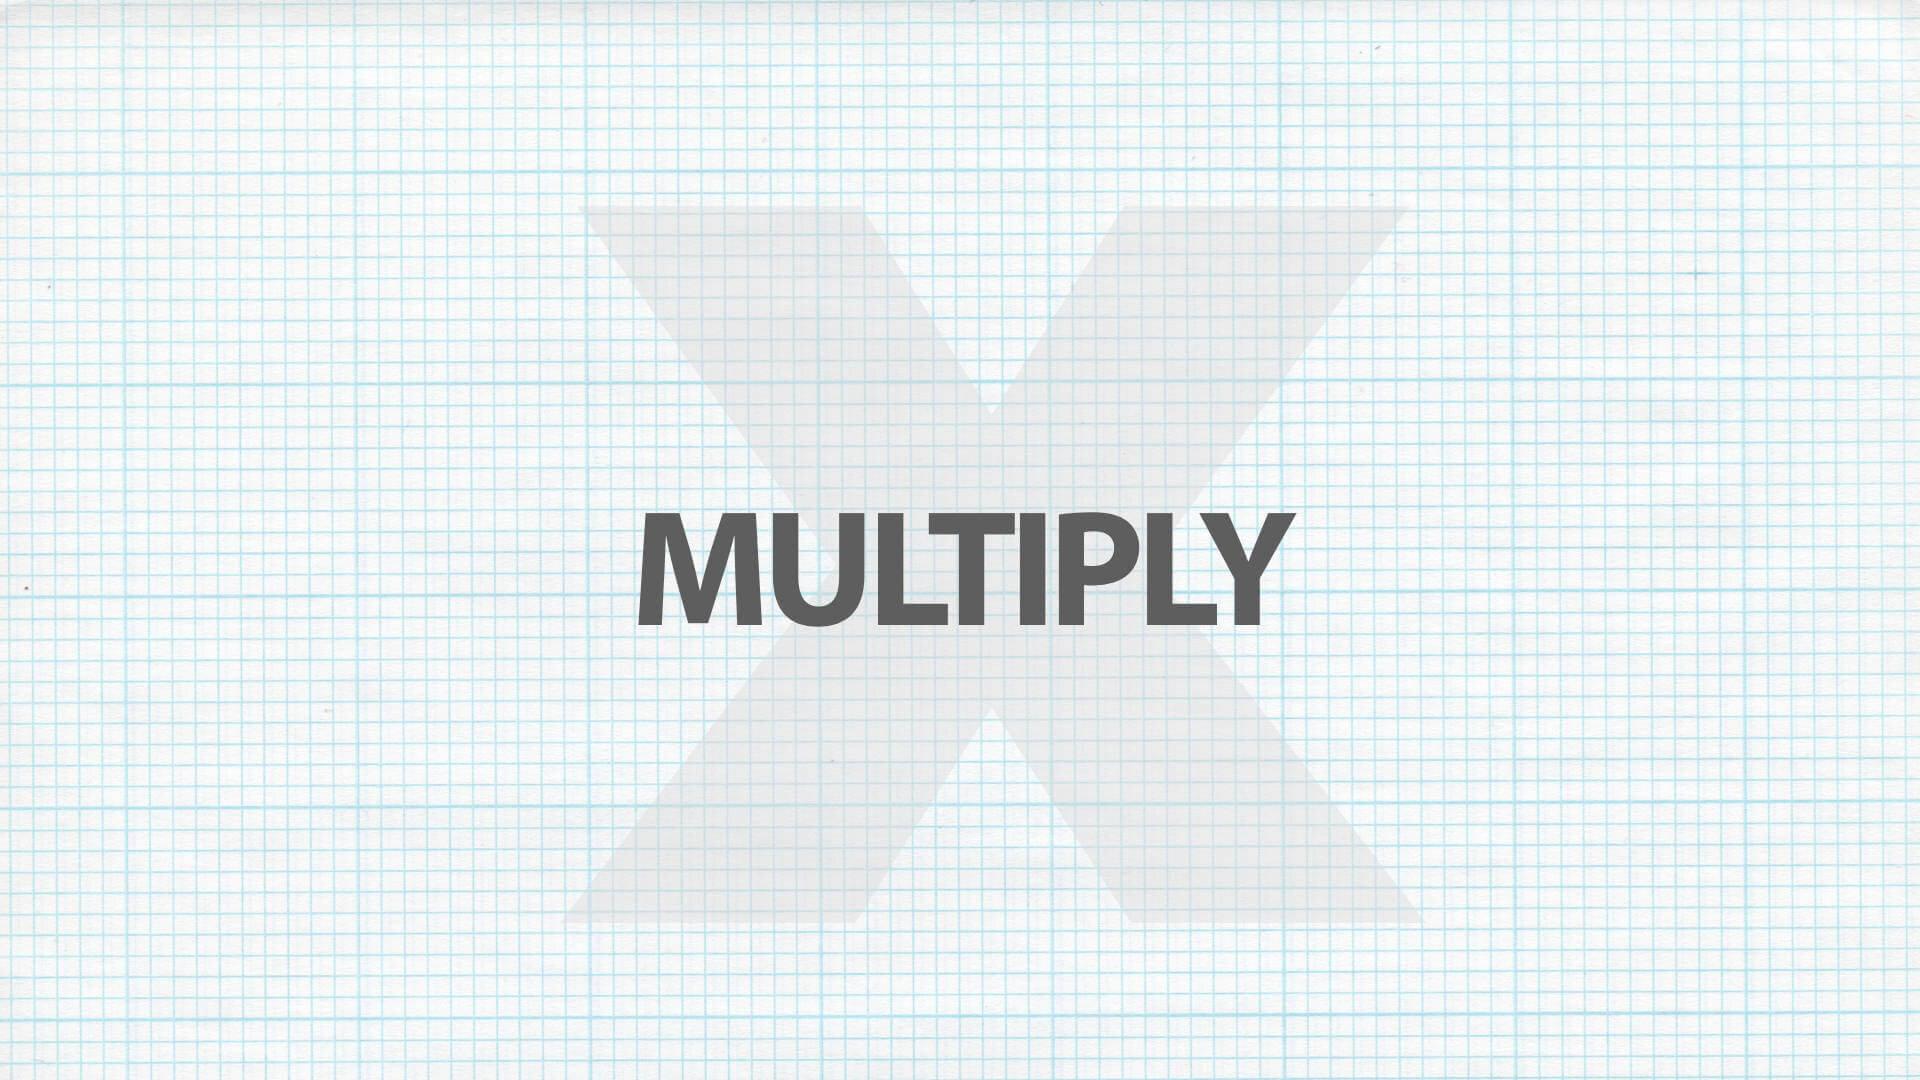 Multiply bulletin cover.001 (1).jpeg